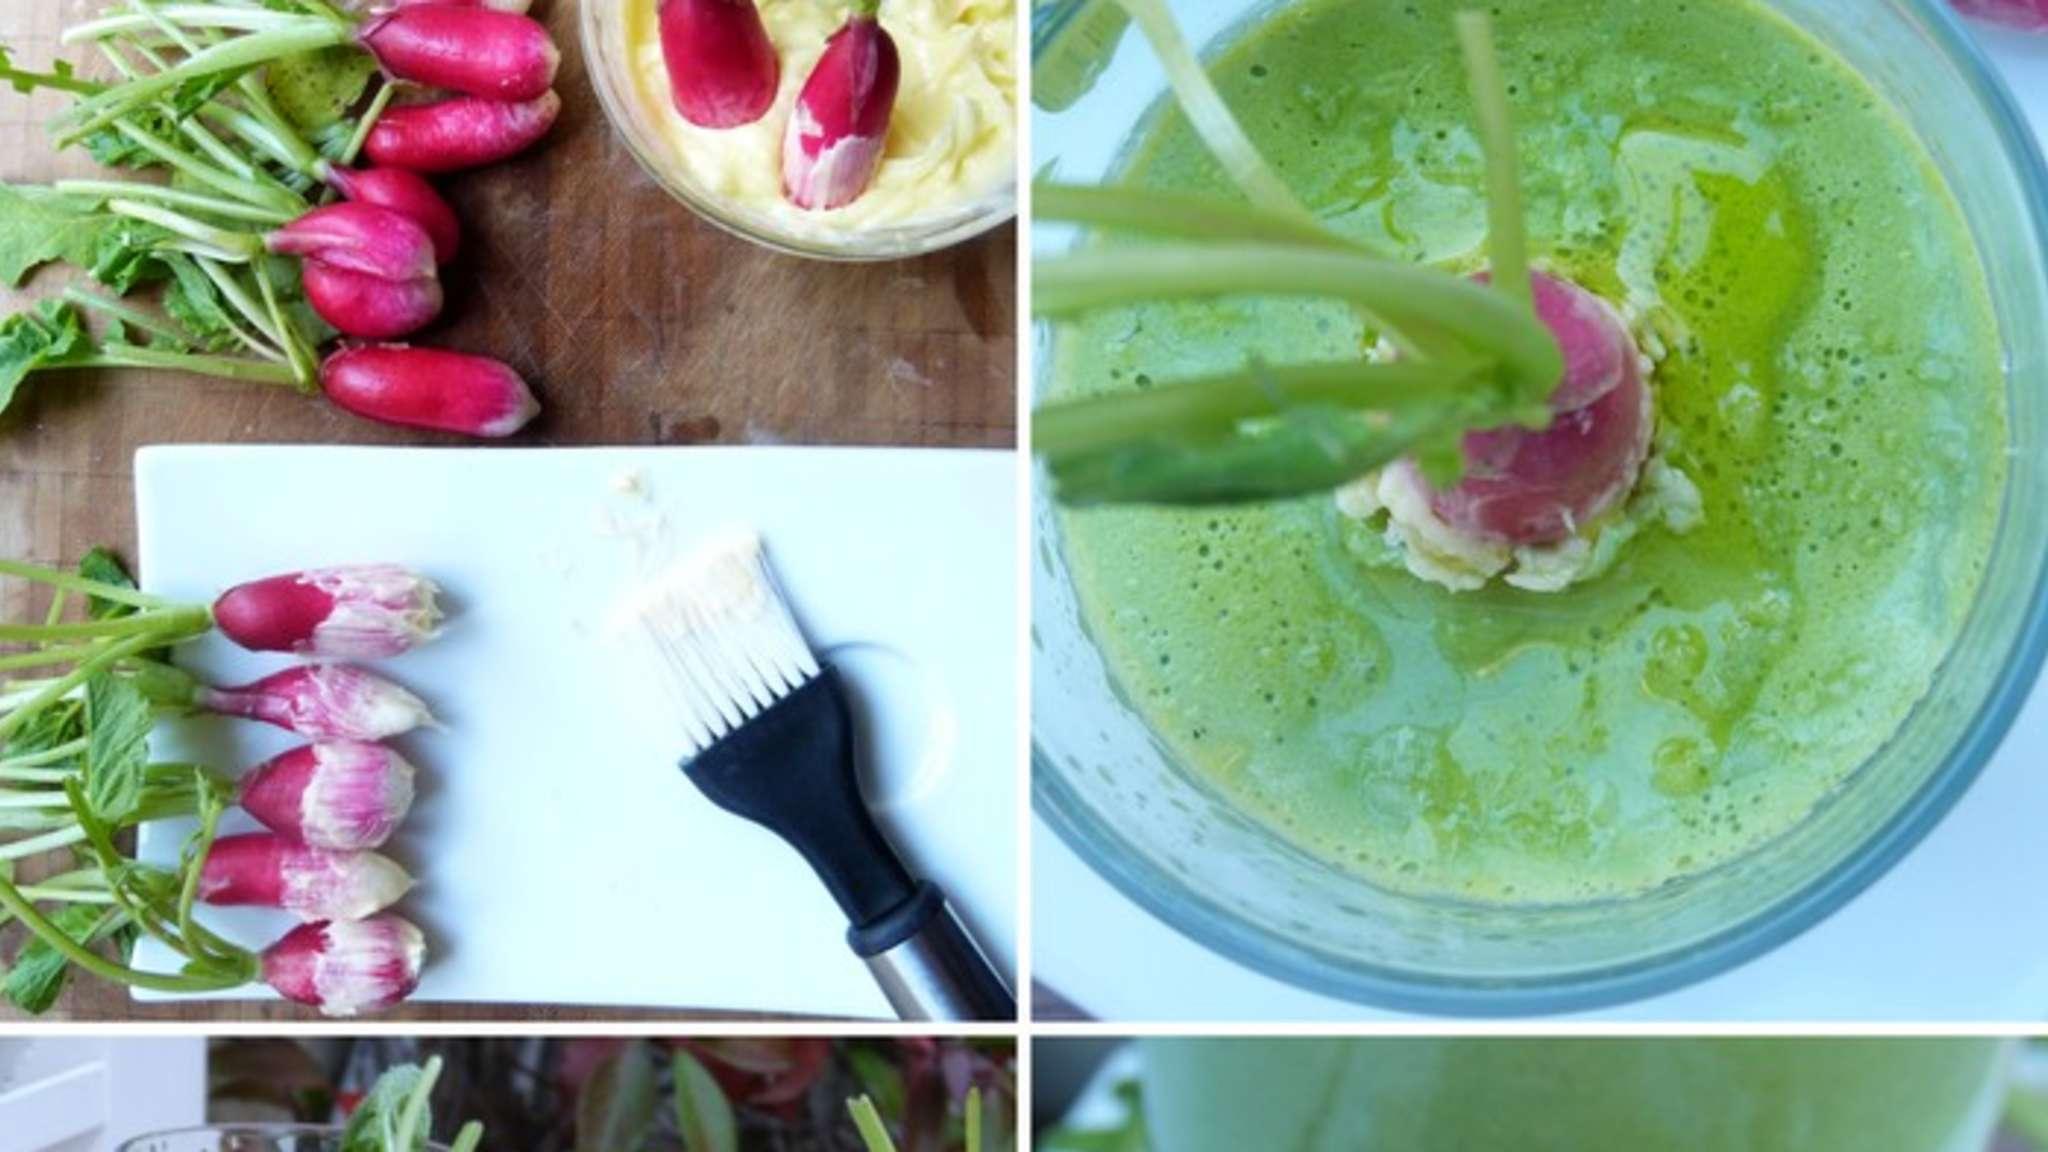 Cuisinez et pâtissez avec l'agar-agar